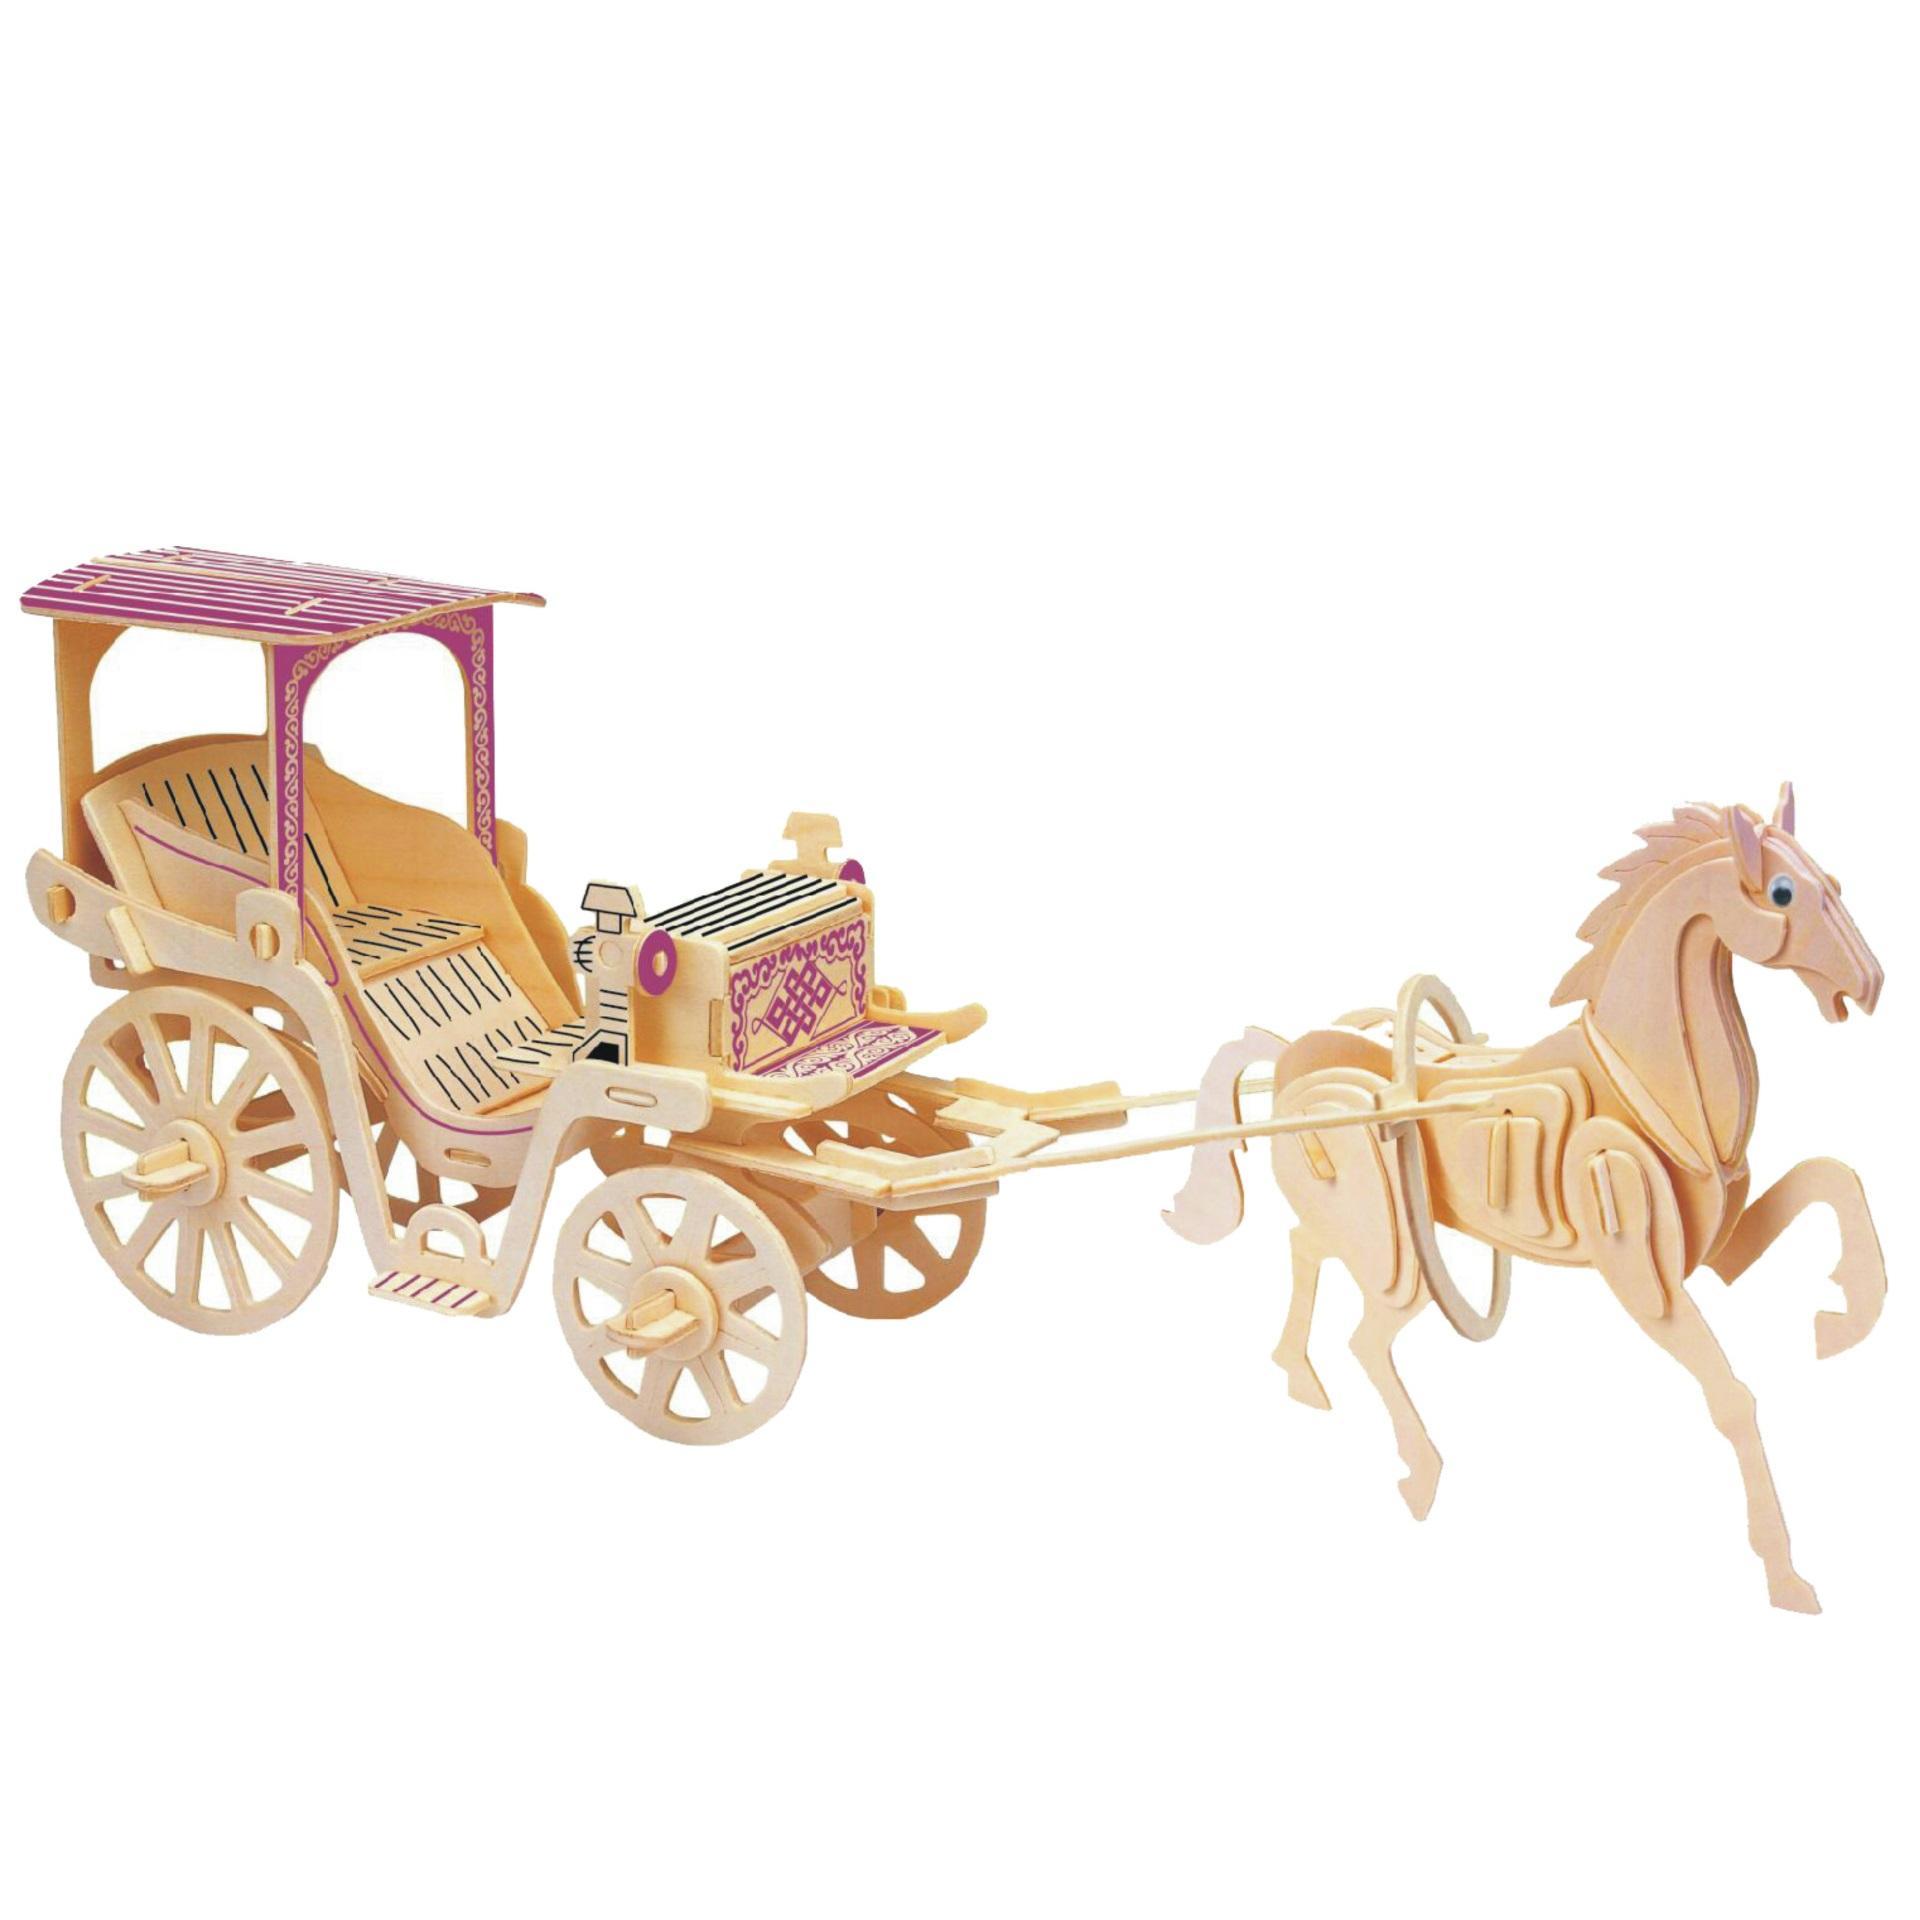 Đồ chơi lắp ráp gỗ 3D Mô hình Xe ngựa Hoàng gia 2